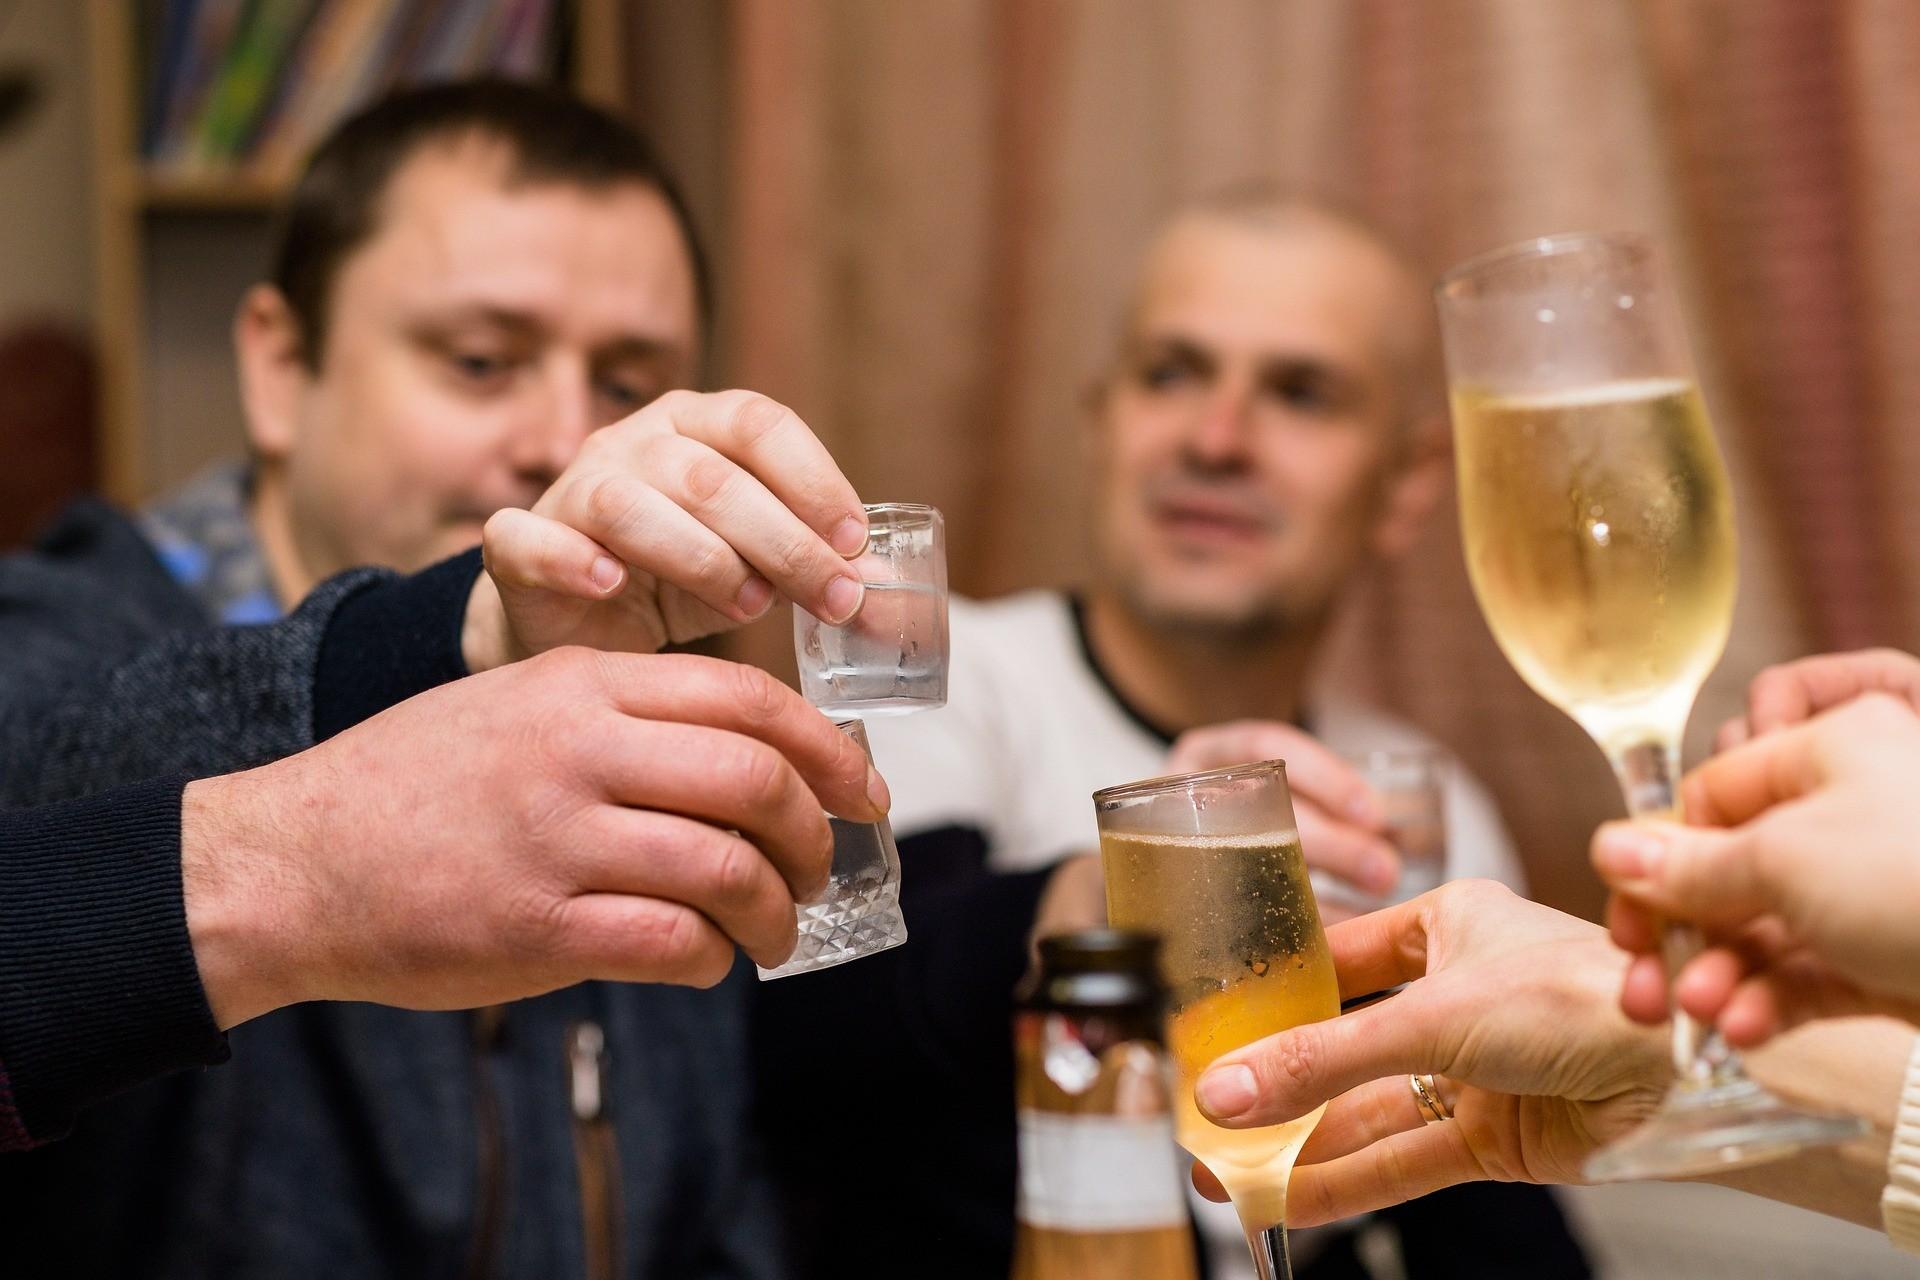 Tumori causati dall'alcol